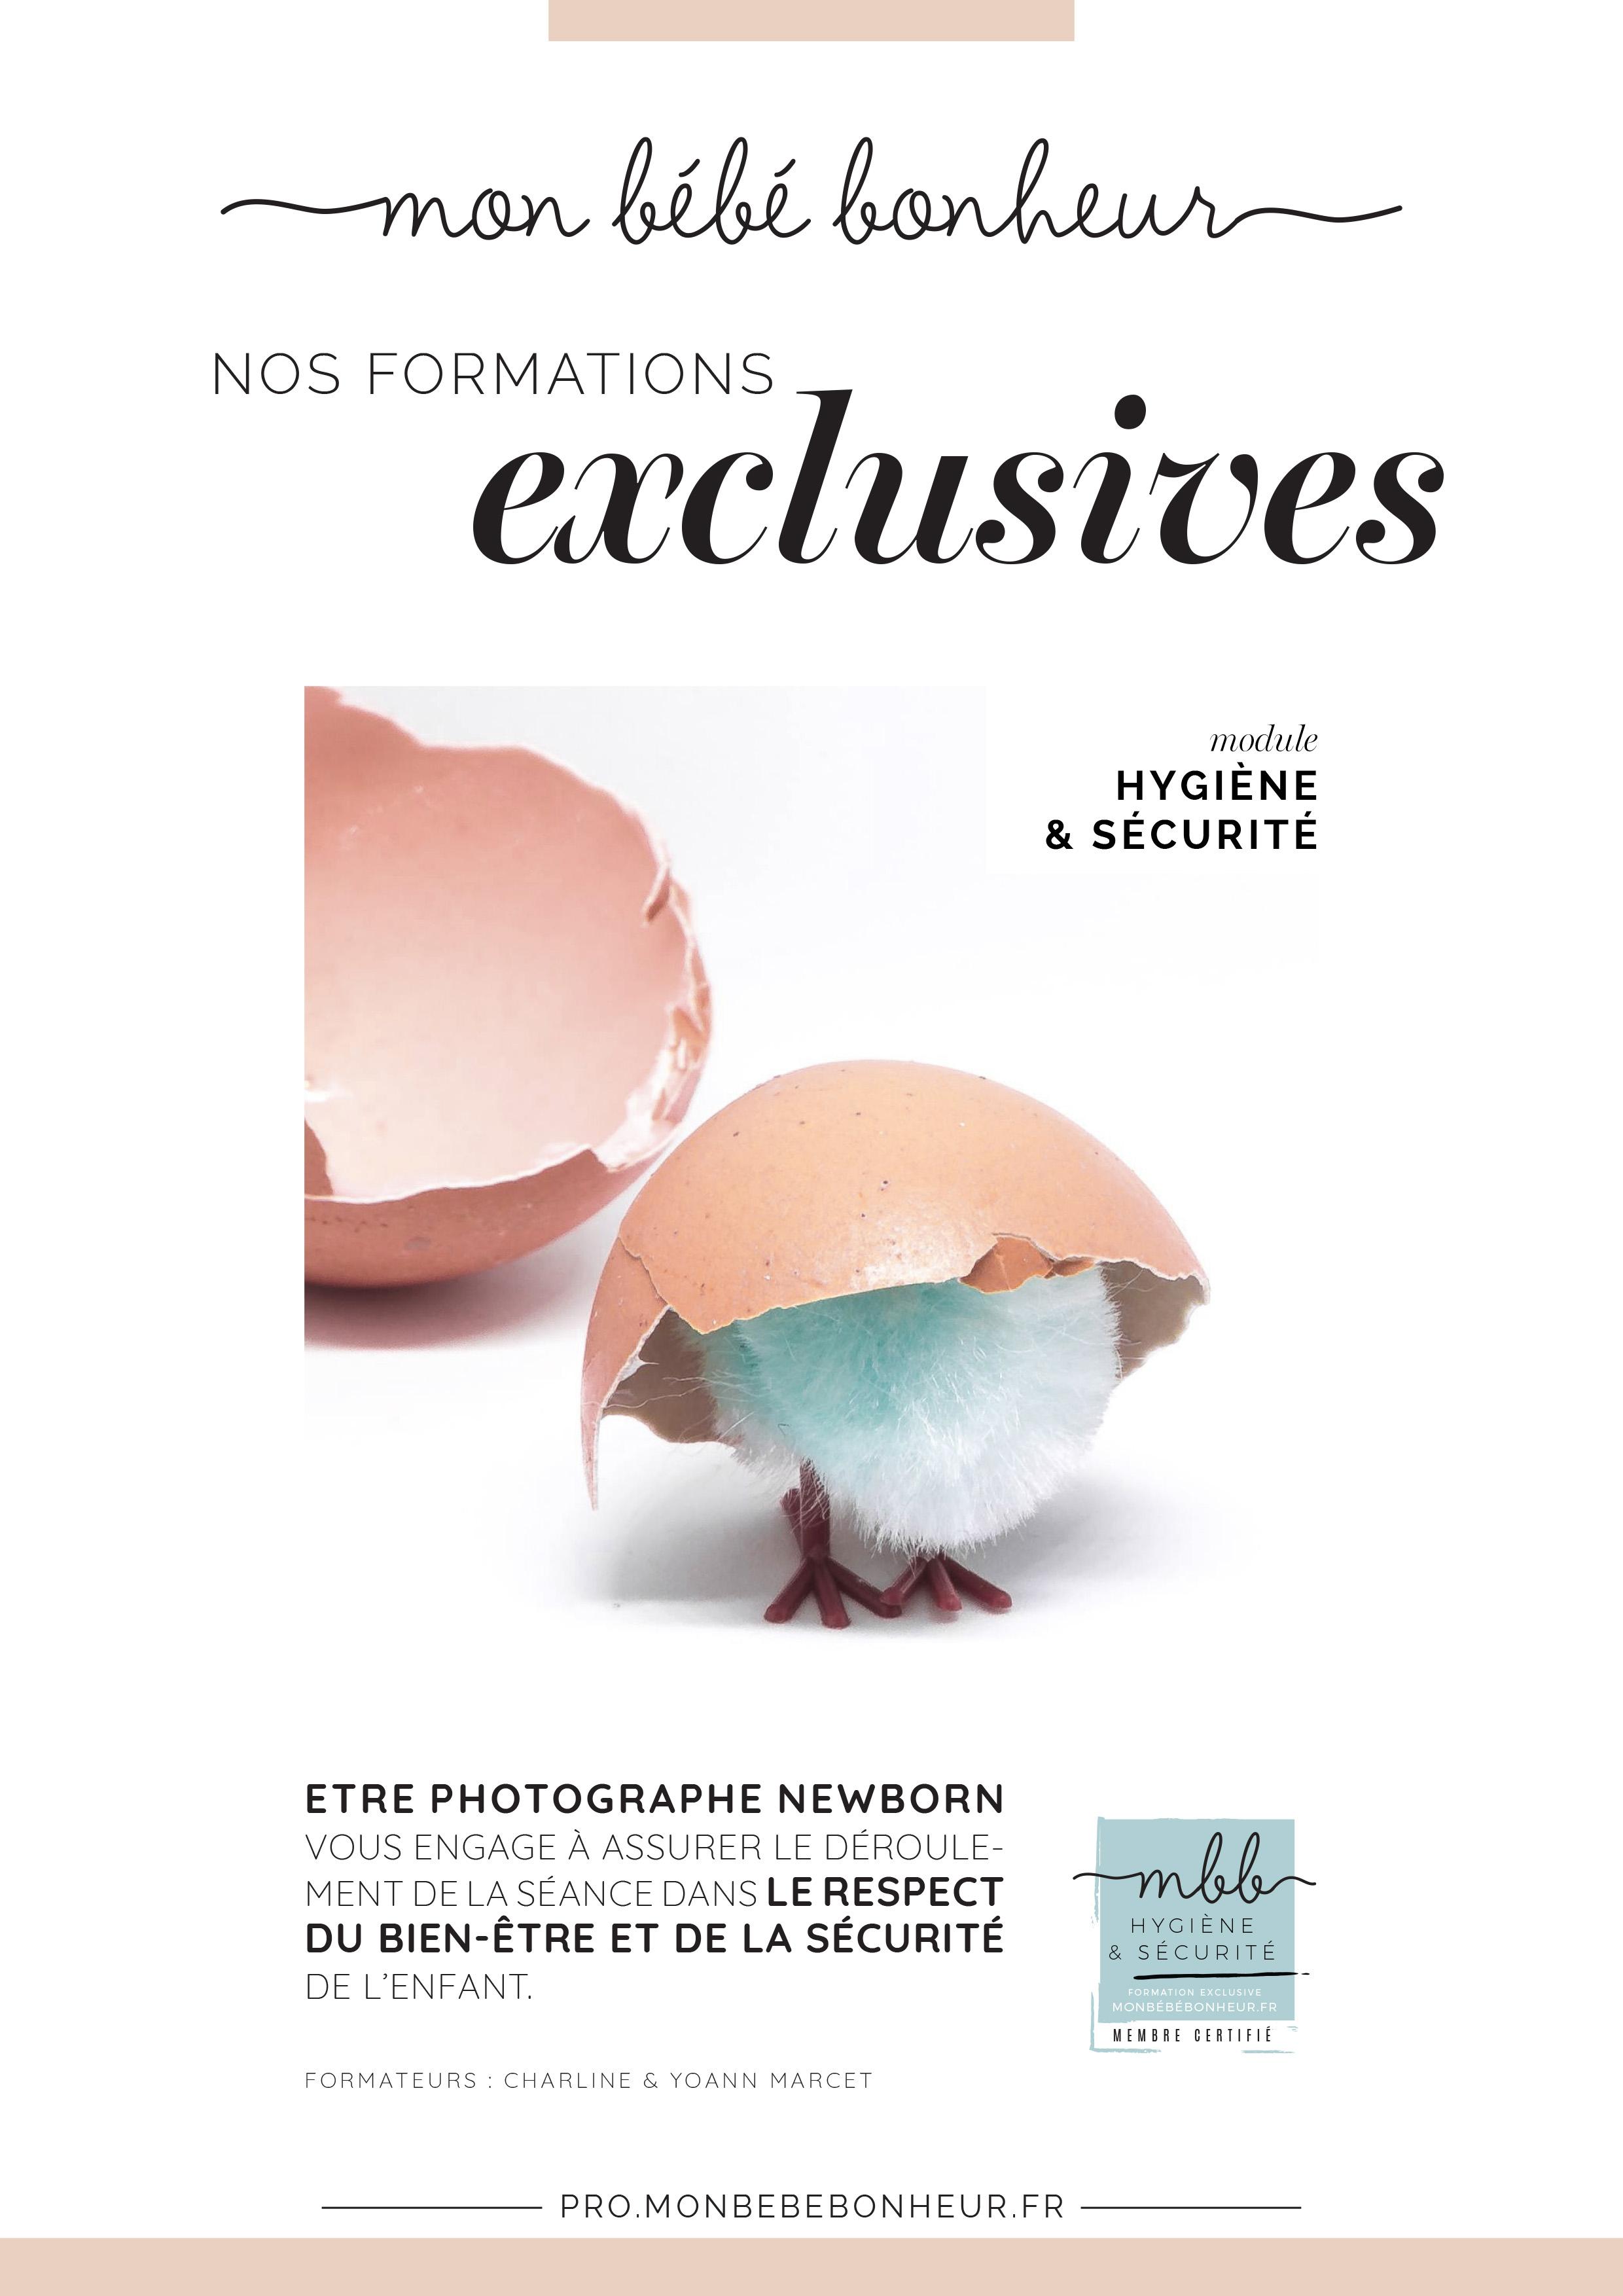 Formations photographes nouveau-nés : HYGIÈNE / SÉCURITÉ ET BIEN-ÊTRE DE L'ENFANT